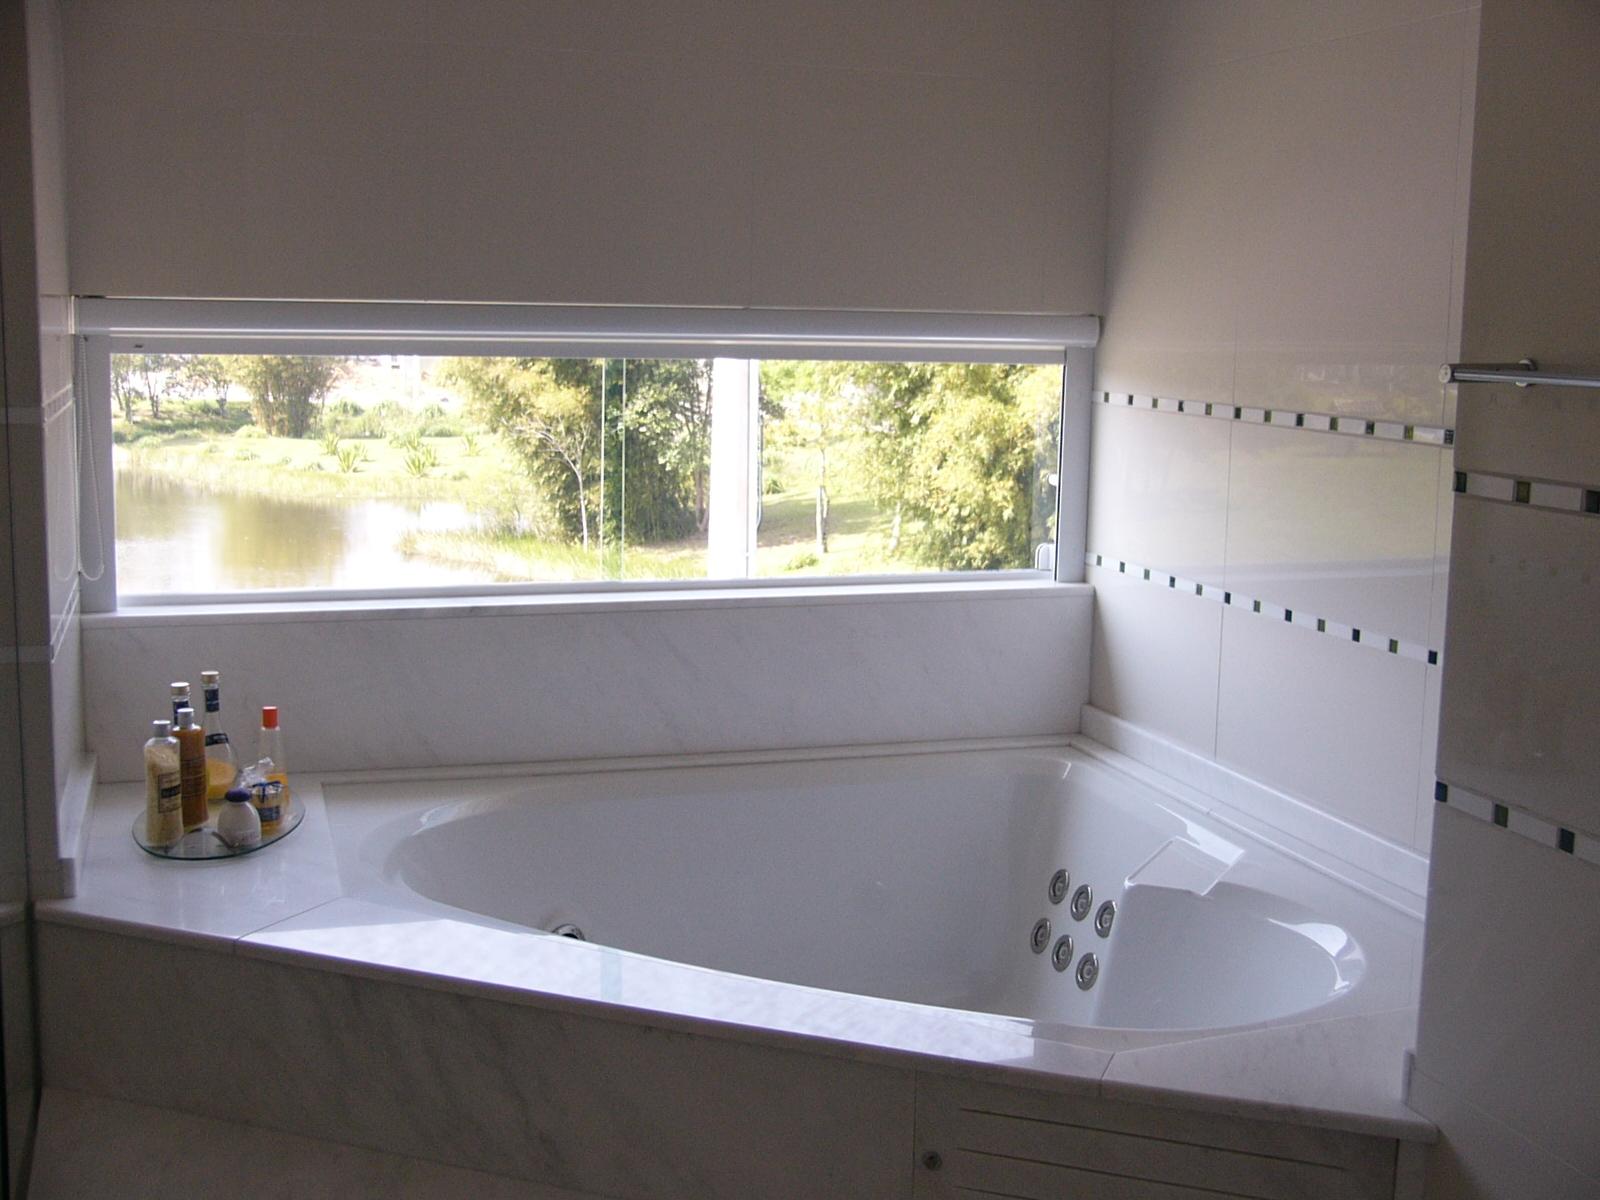 quarta feira 20 de abril de 2011 #888343 1600x1200 Banheiro Com Banheira De Canto